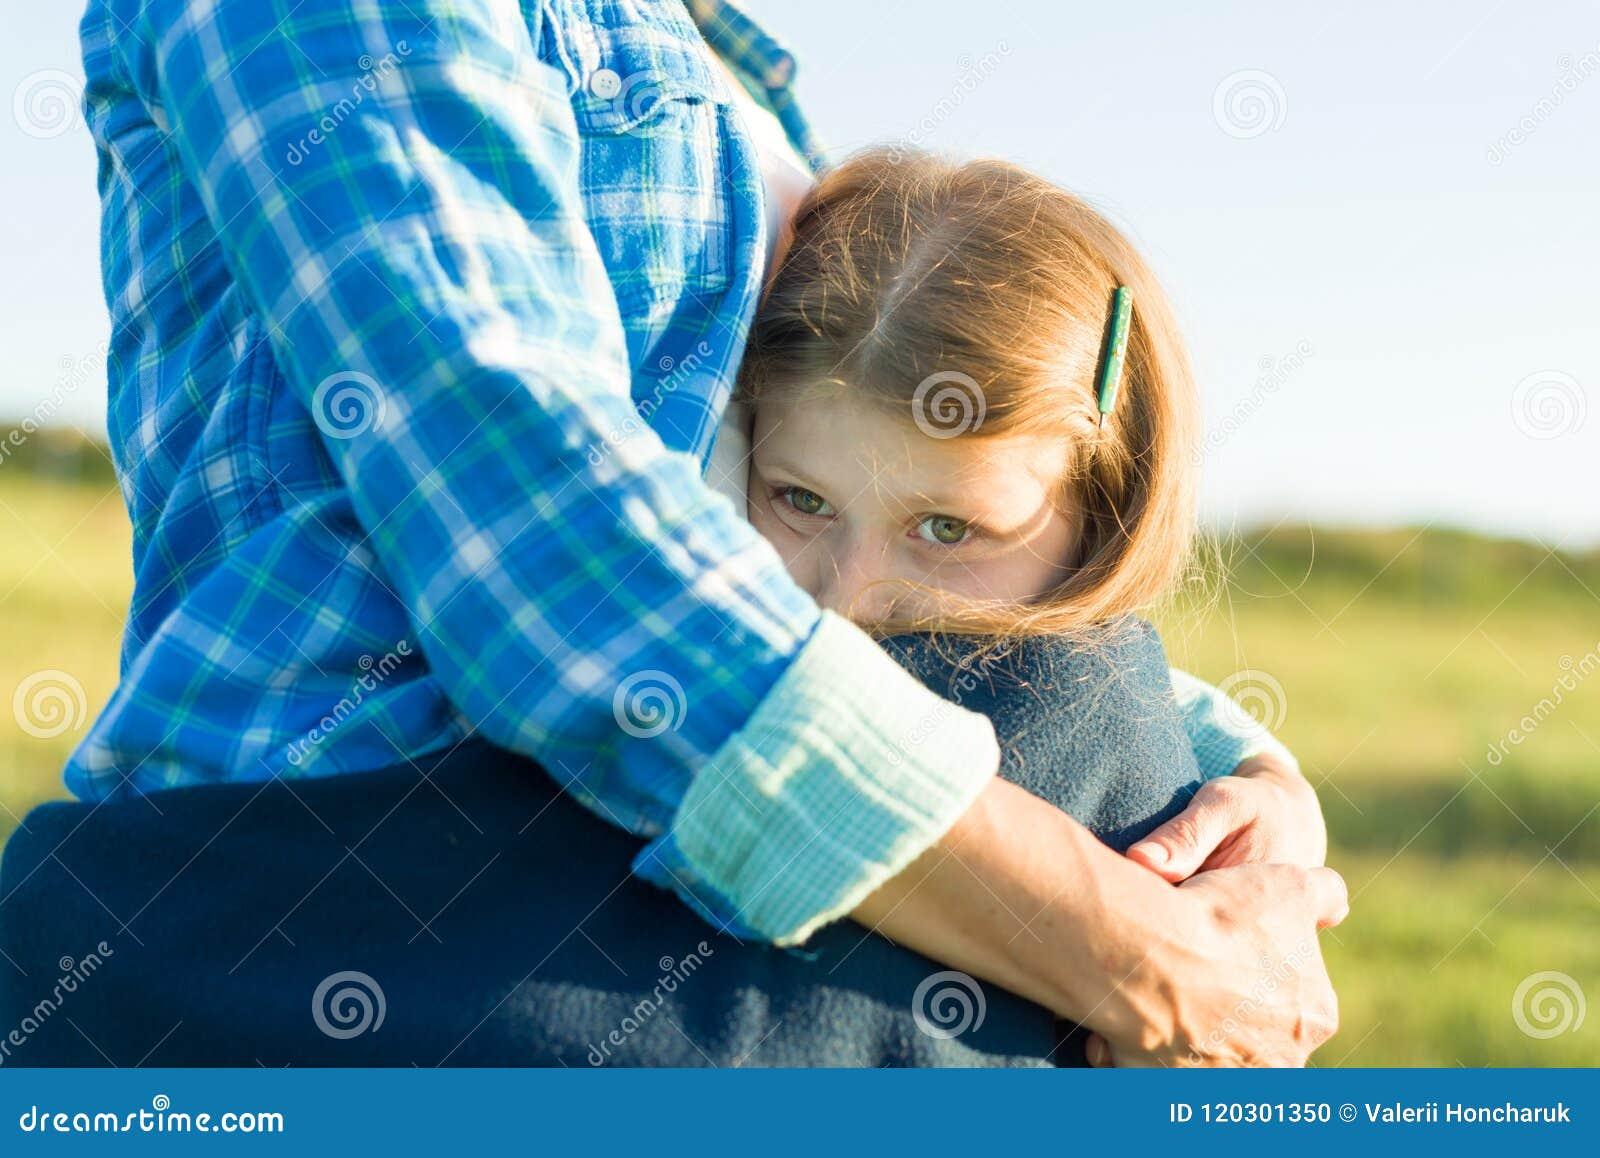 Ritratto del genitore e del bambino La madre abbraccia la sua piccola figlia Fondo della natura, paesaggio rurale, prato verde, p